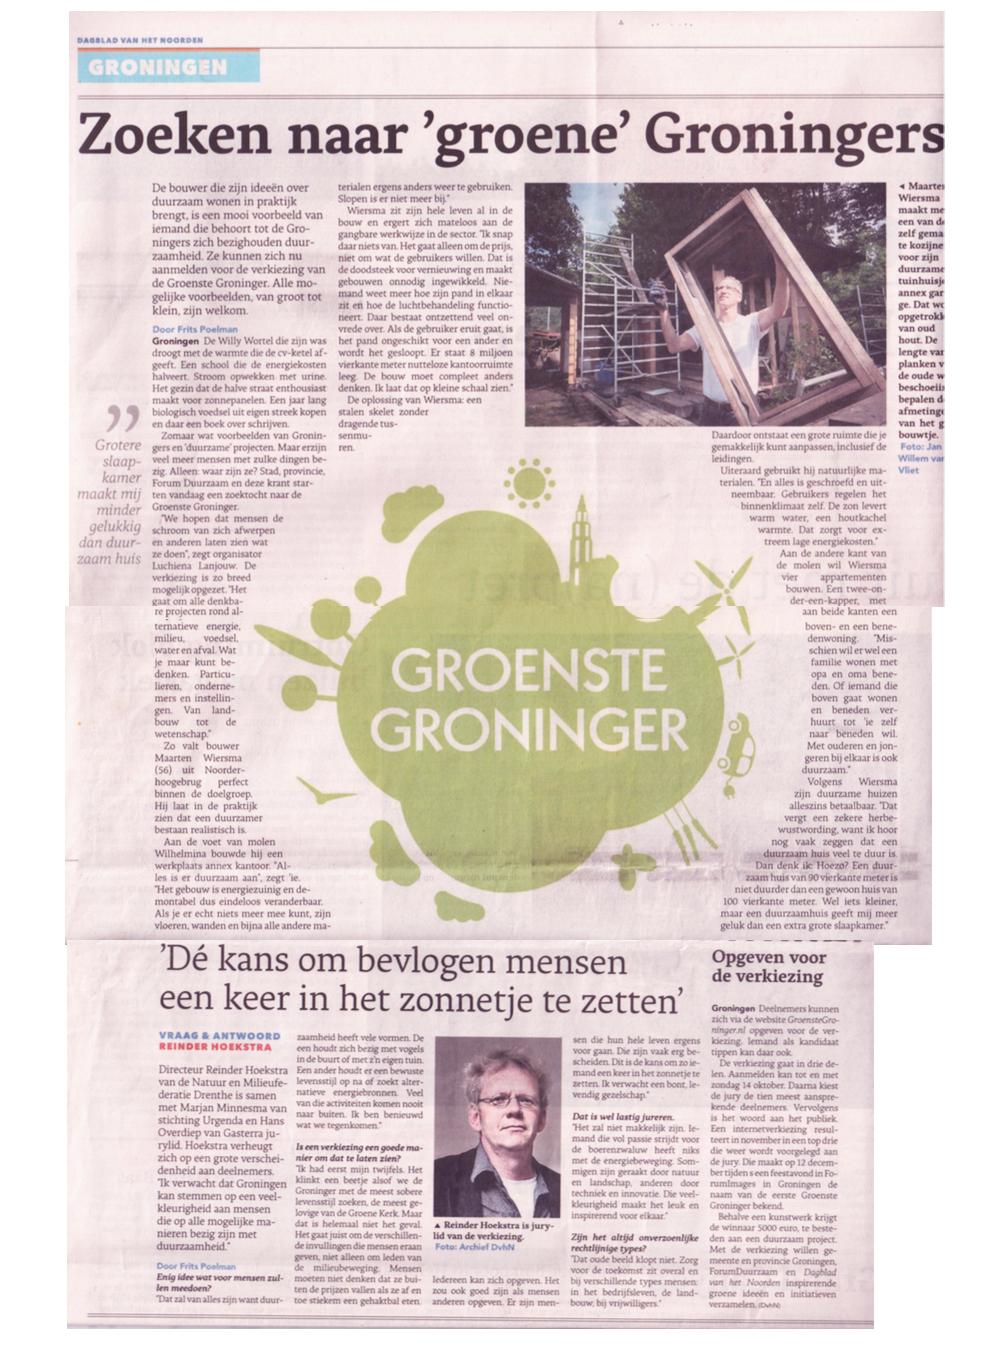 DvhN, 25-08-2012 - Lees het artikel hier: https://abc2c.nl/media/file/DvhN%2025-08-2012.pdf